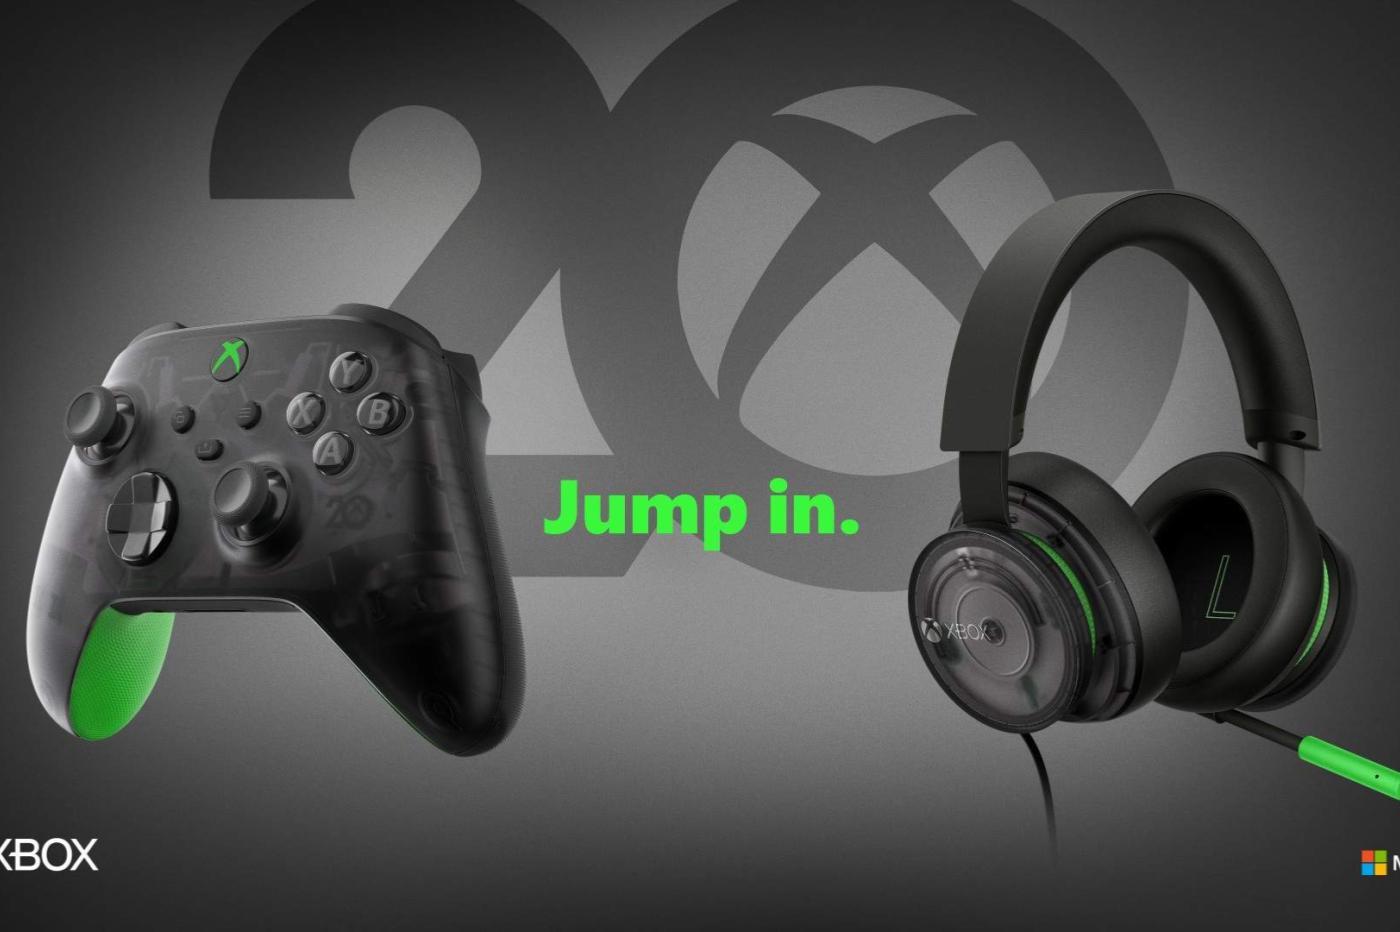 Xbox fête ses 20 ans avec des accessoires inedits!